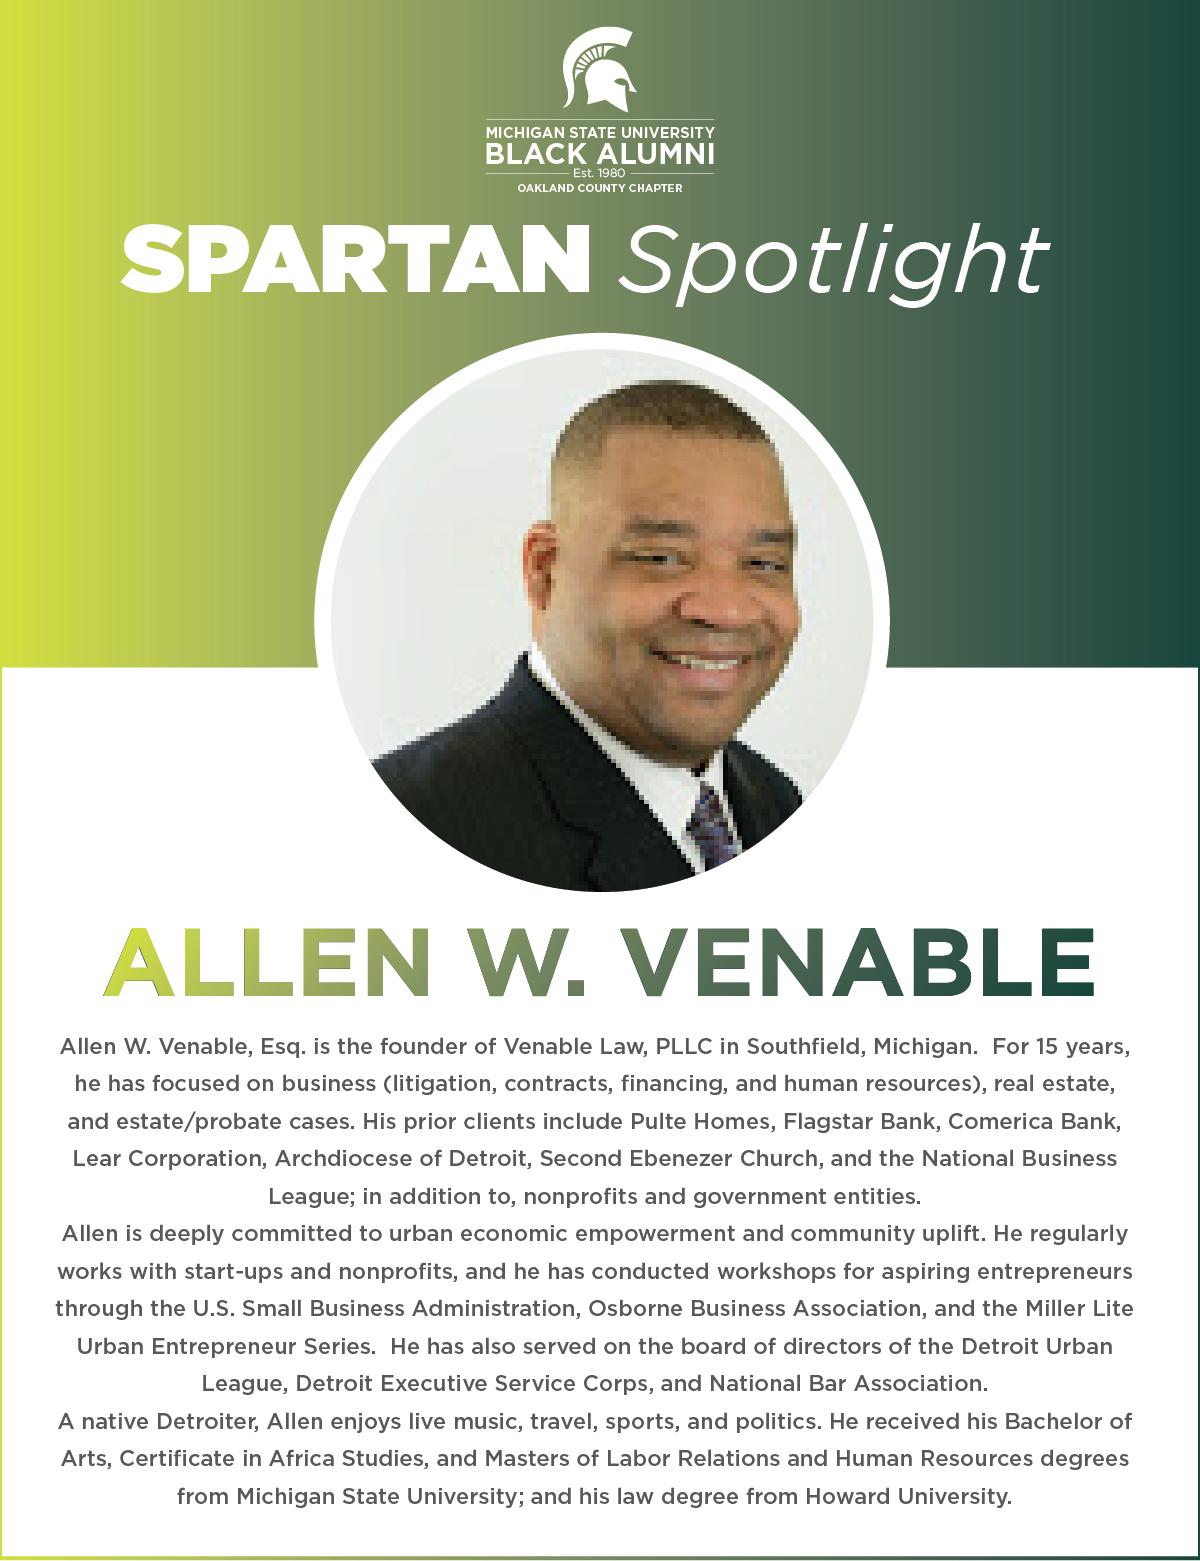 MSUBAOC Spartan Spotlight Allen W